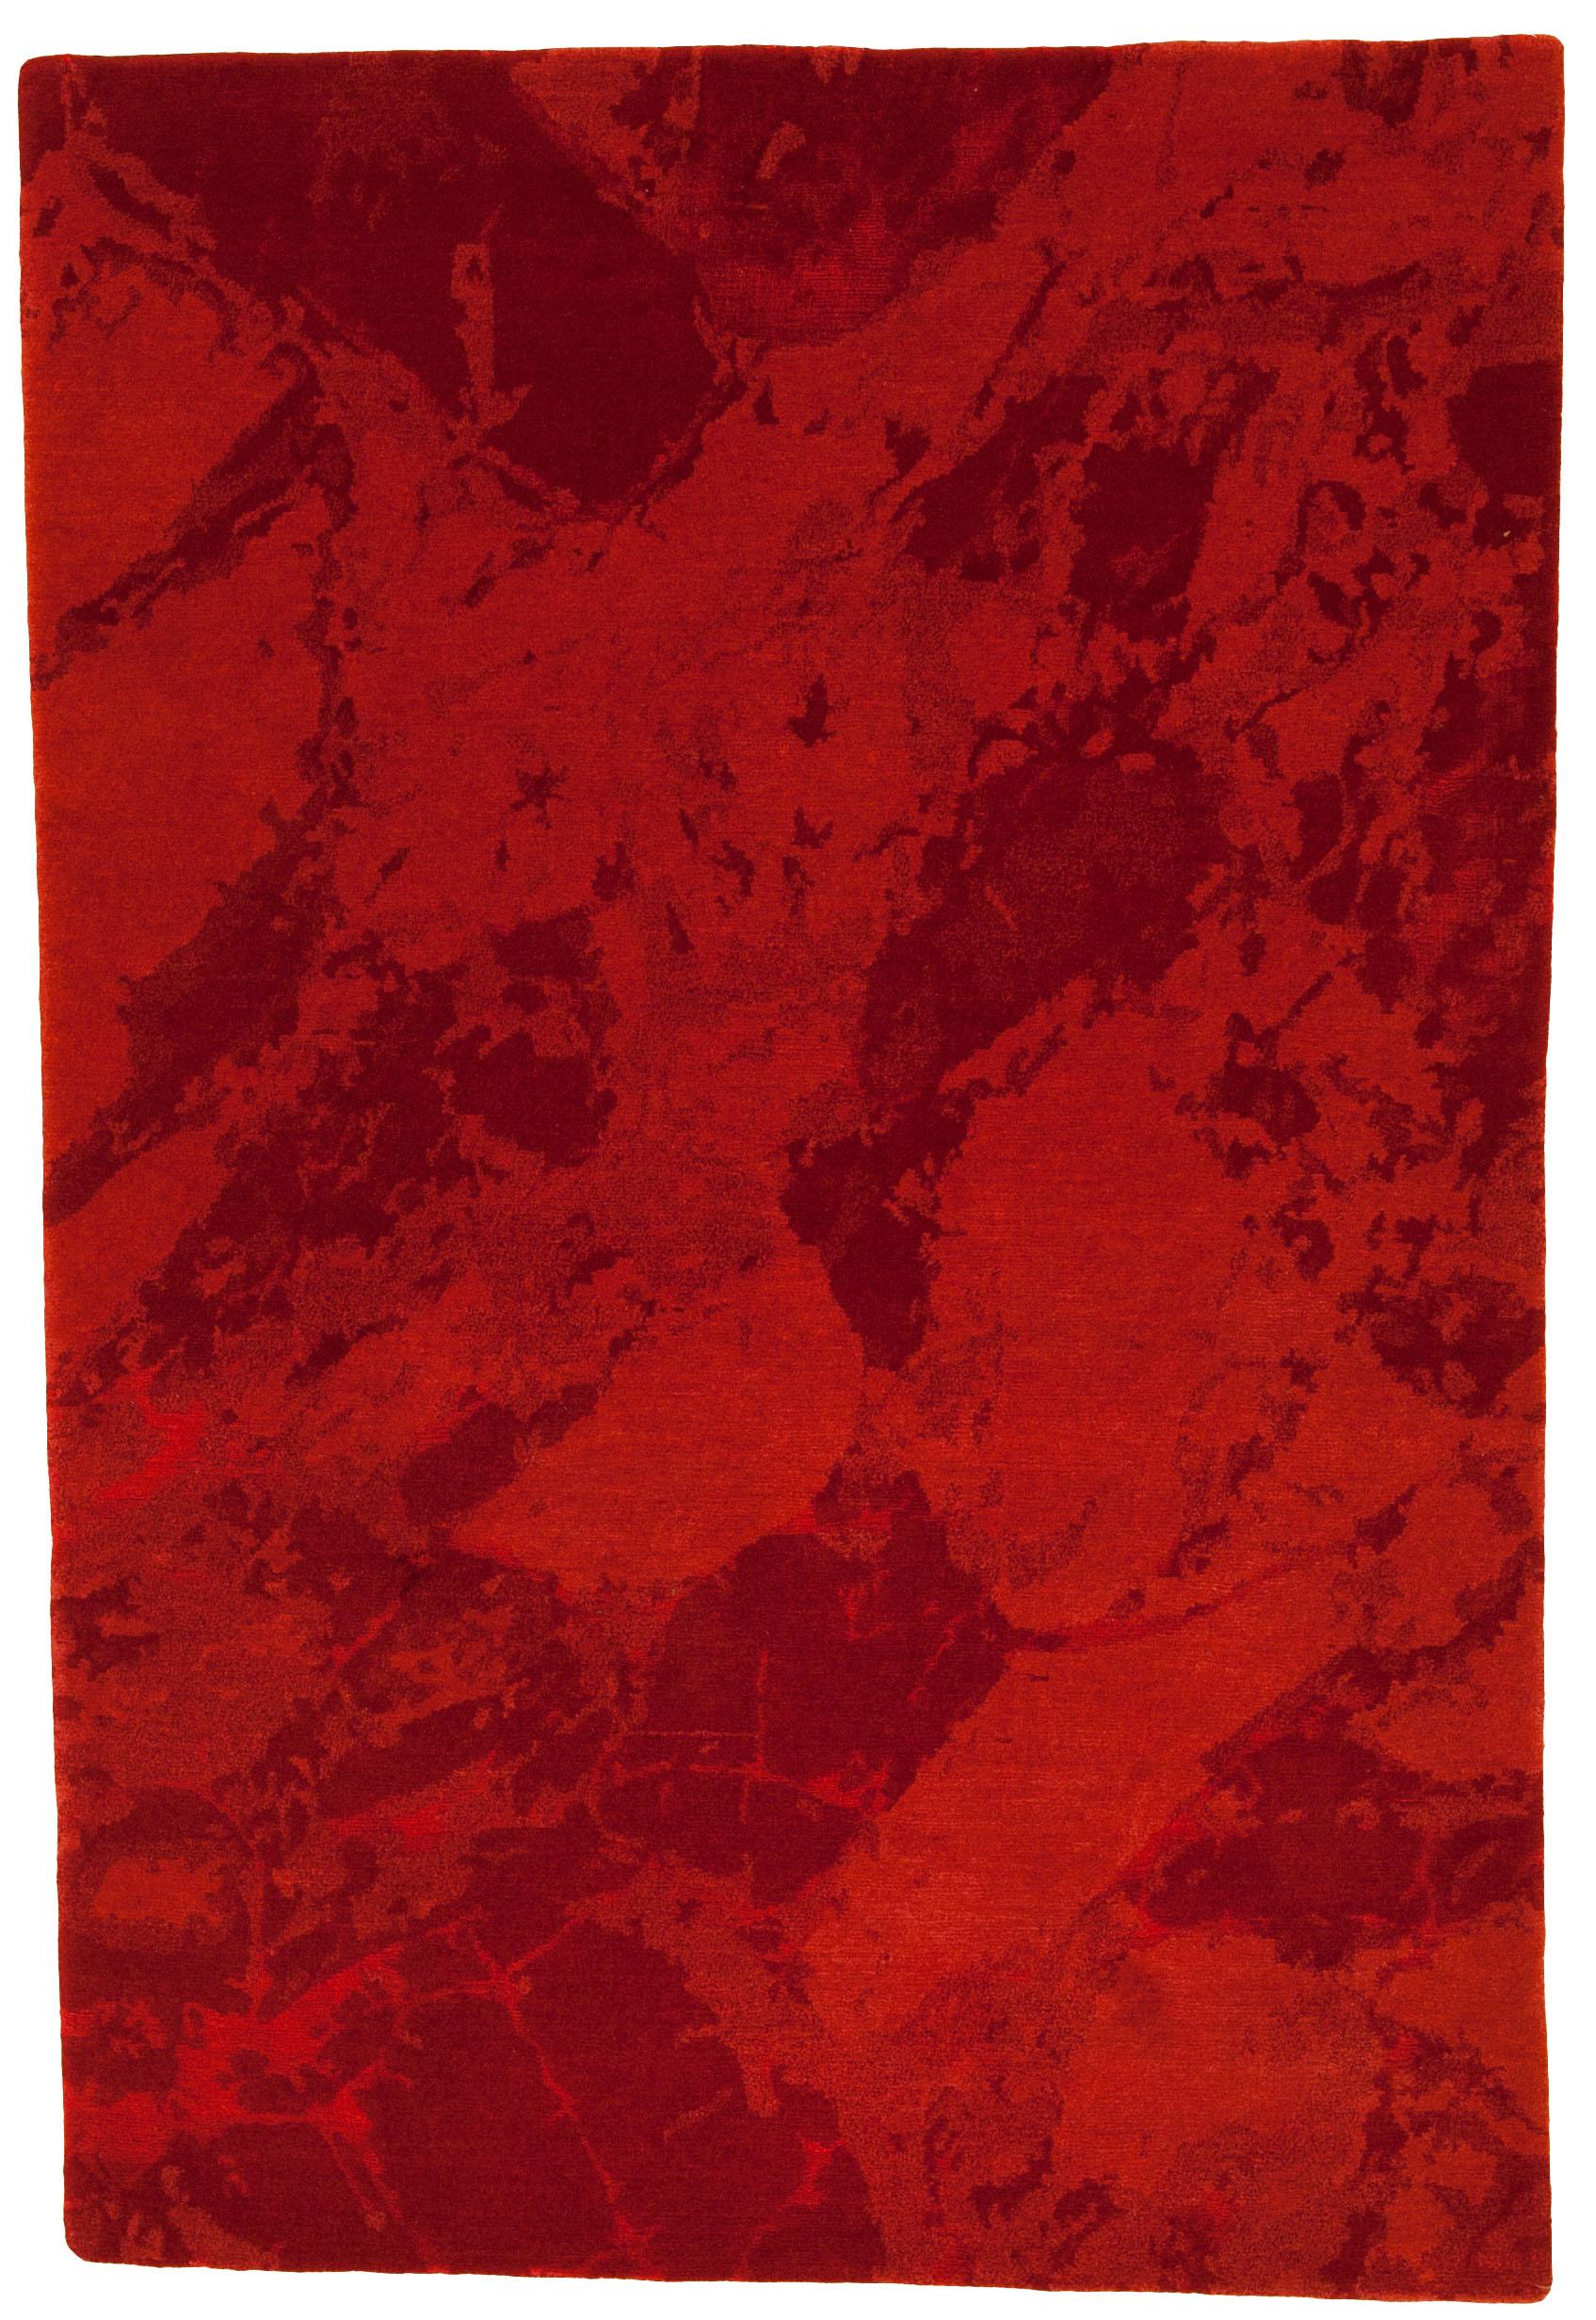 255257 ONYX SOLTIBERIUS NP 180x120 - ONYX SOLTIBERIUS